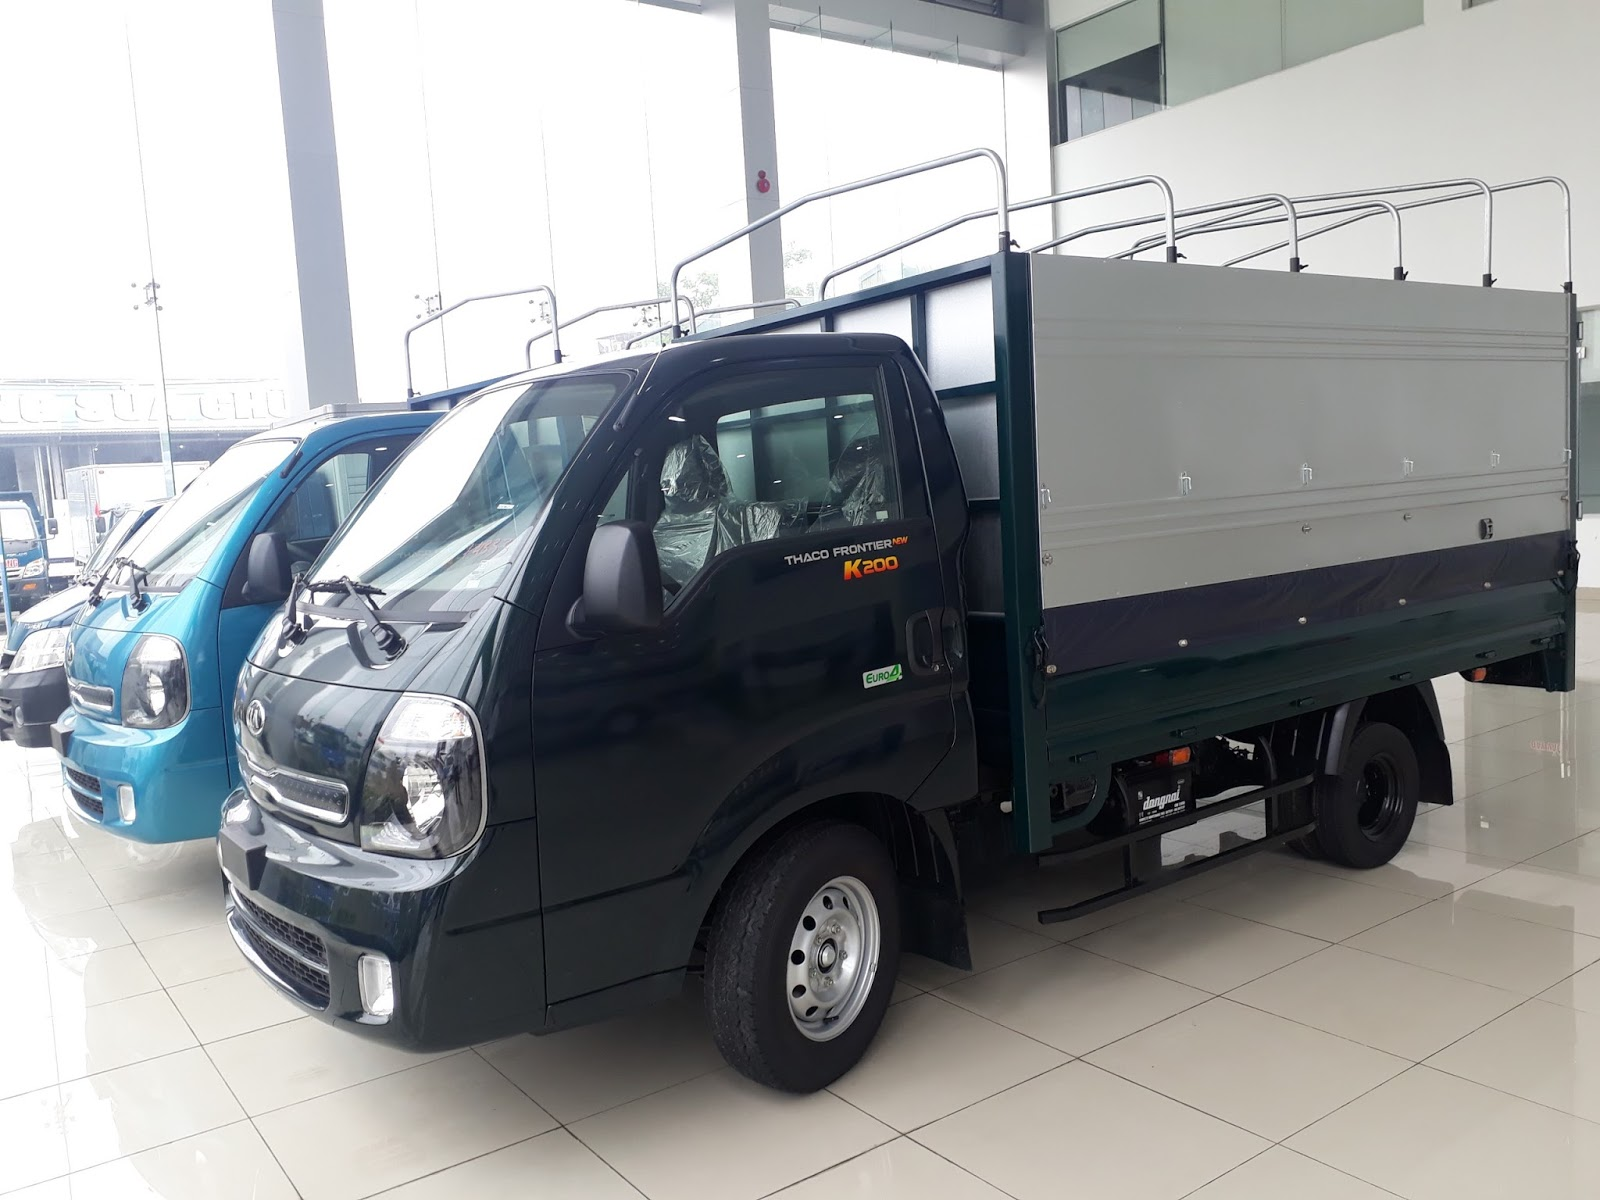 Bán xe ô tô tải Hyundai 1 tấn Thaco K200  tại Hải Phòng hỗ trợ trả góp, vay vốn ngân hàng